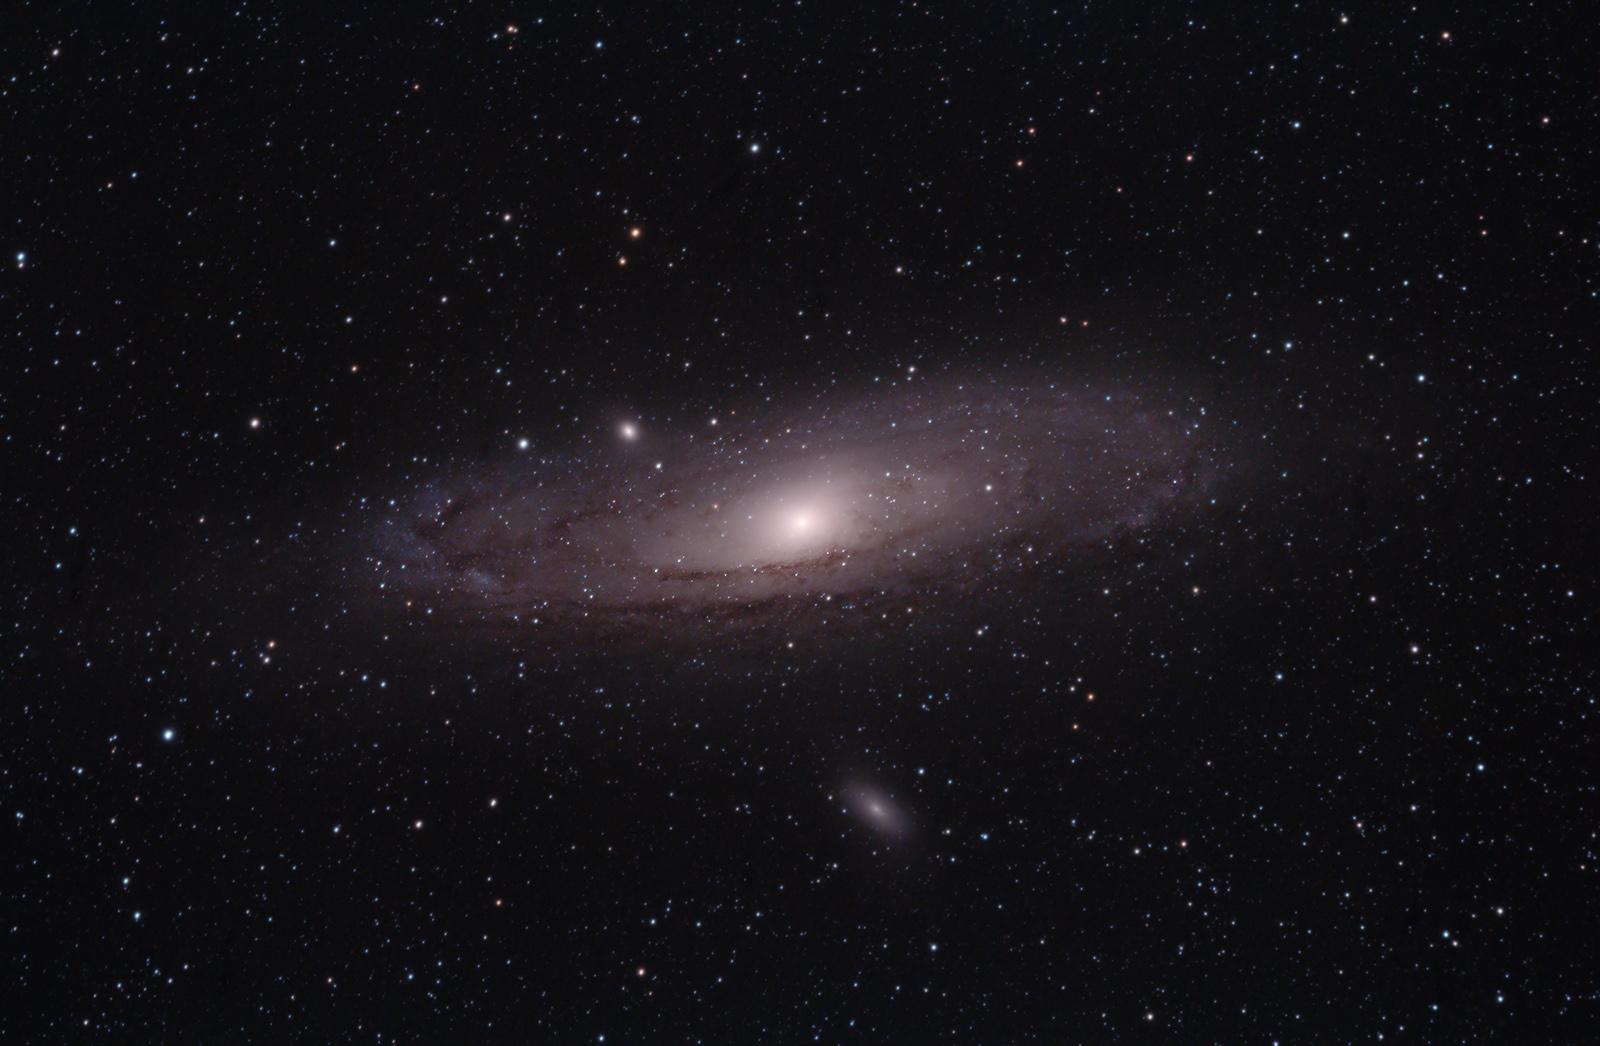 andromeda galaxy images - HD1600×1046